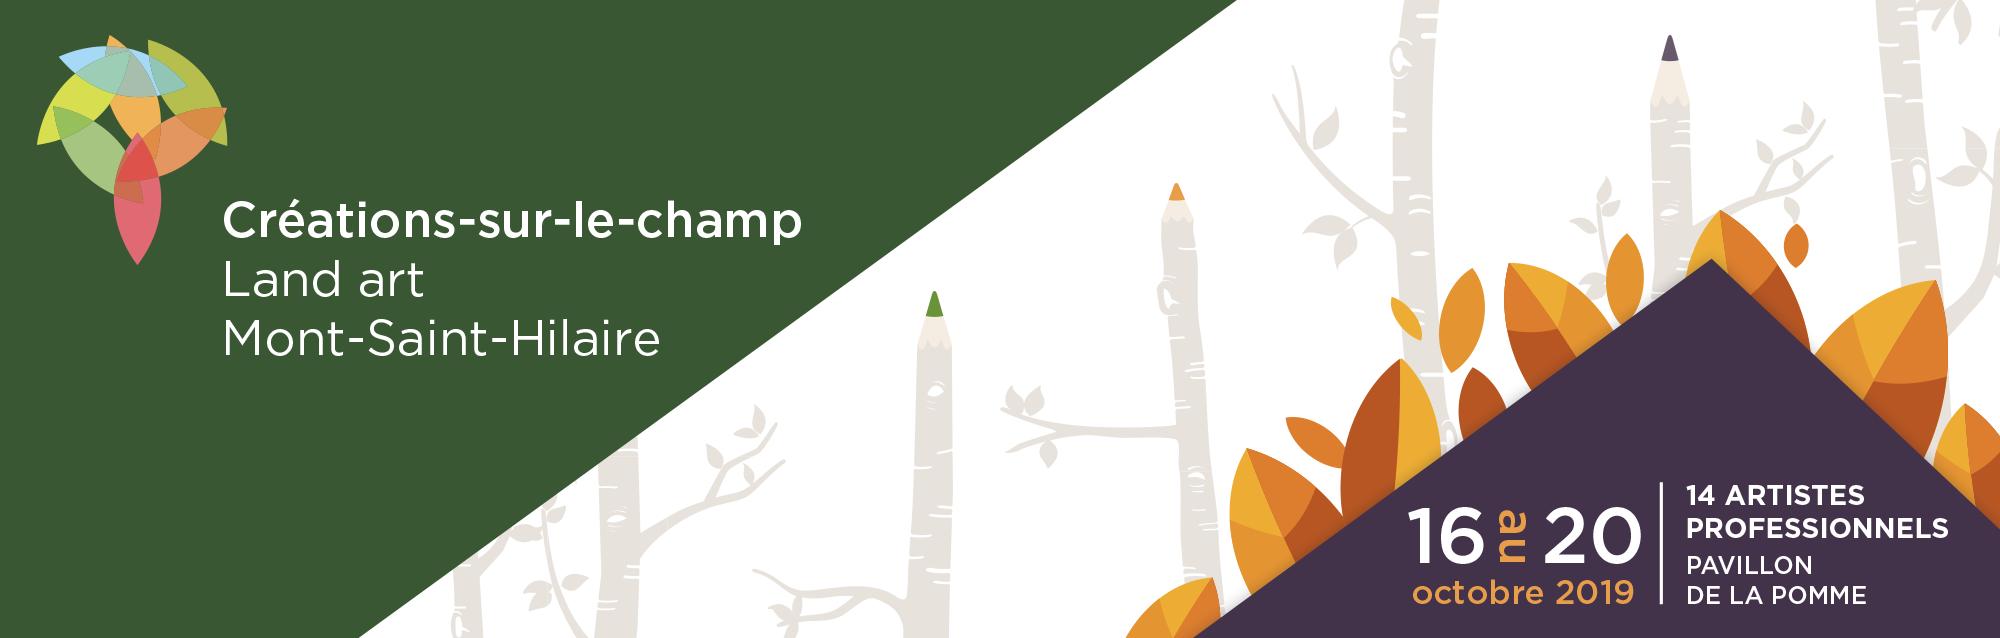 Créations-sur-le-champ / Land art Mont-Saint-Hilaire : l'événement phare de l'automne!